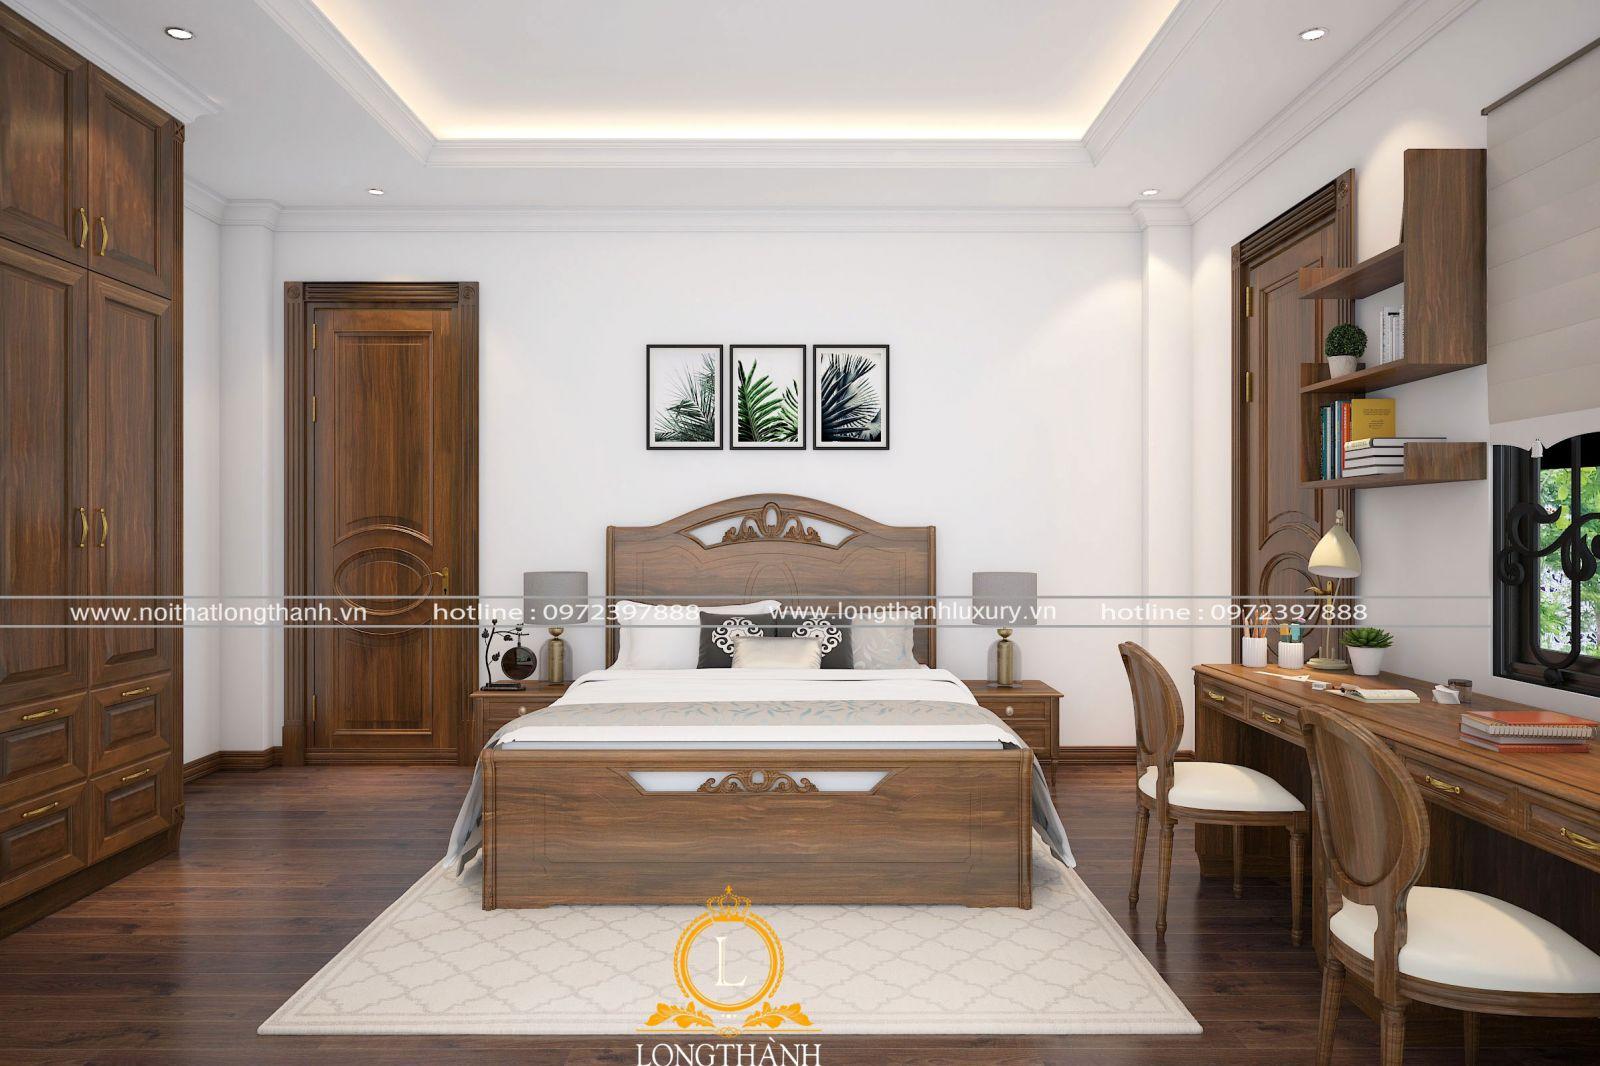 Phòng ngủ hiện đại bố trí linh hoạt